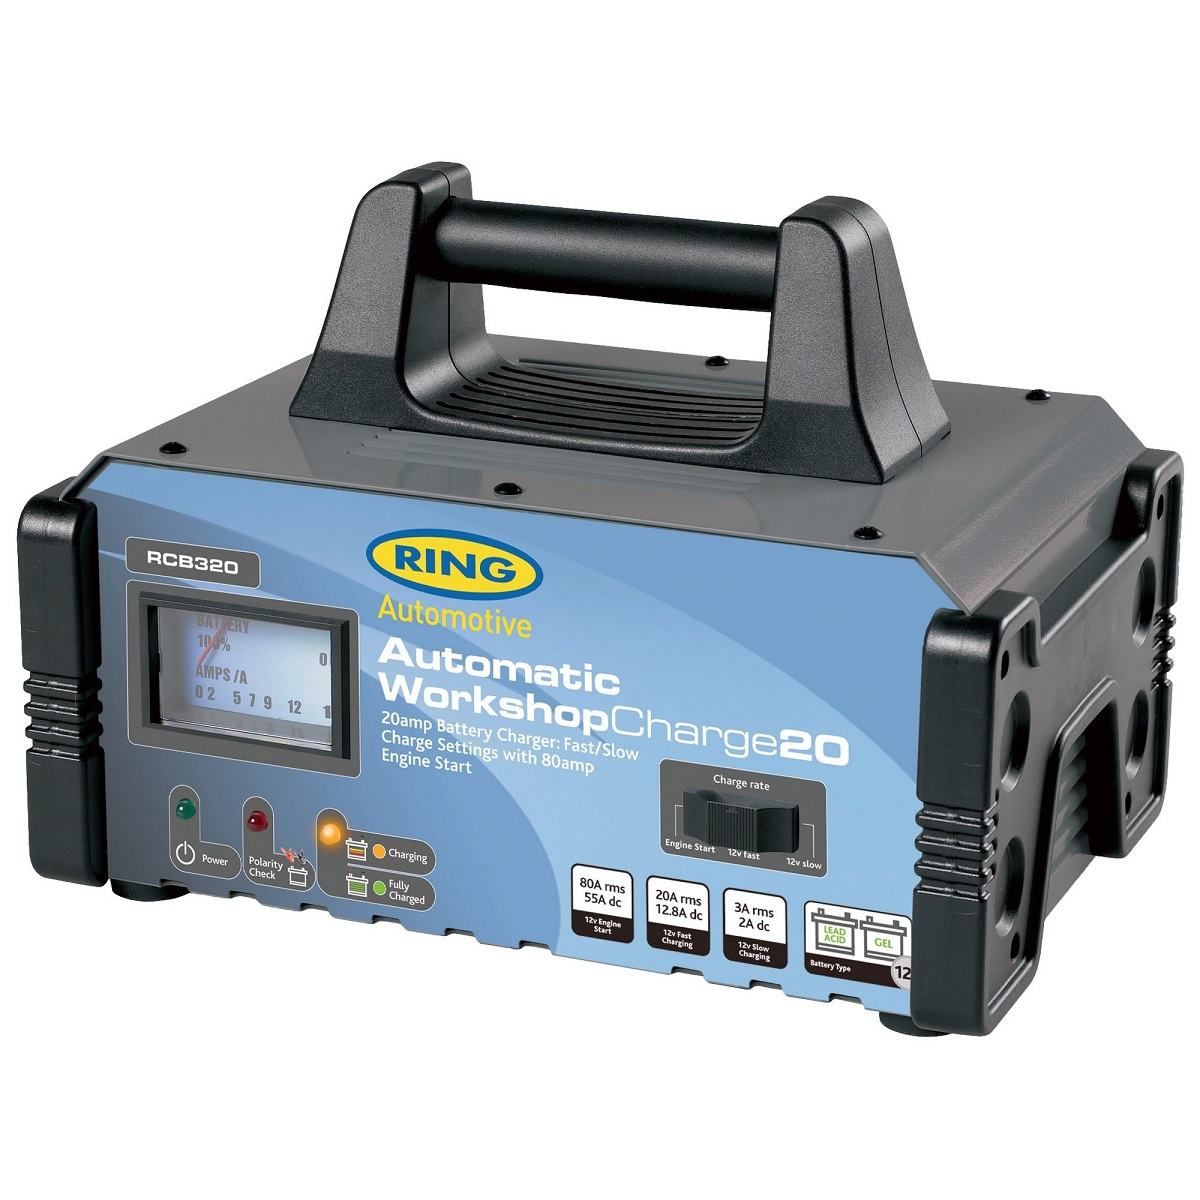 Пуско-зарядное устройство Ring Automotive WorkShopCharge20. RECB320R0003911Зарядное предпусковое устройство предназначено для зарядки свинцово-кислотных и гелевых аккумуляторных батарей, а также помощи в запуске двигателя автомобиля. Идеальное решение для небольших автосервисов и гаражей. Стрелочный индикатор - амперметр. Два режима зарядки - быстрый 20А и медленный 3А. Помощь в запуске двигателя - 80А. Автоматическая работа. Светодиодные индикаторы зарядки и заряженной батареи. Рекомендуется для АКБ емкостью 20 - 225Ач. Защита от обратной полярности. Удобная ручка для переноски. Металлический корпус с прорезиненными гранями.